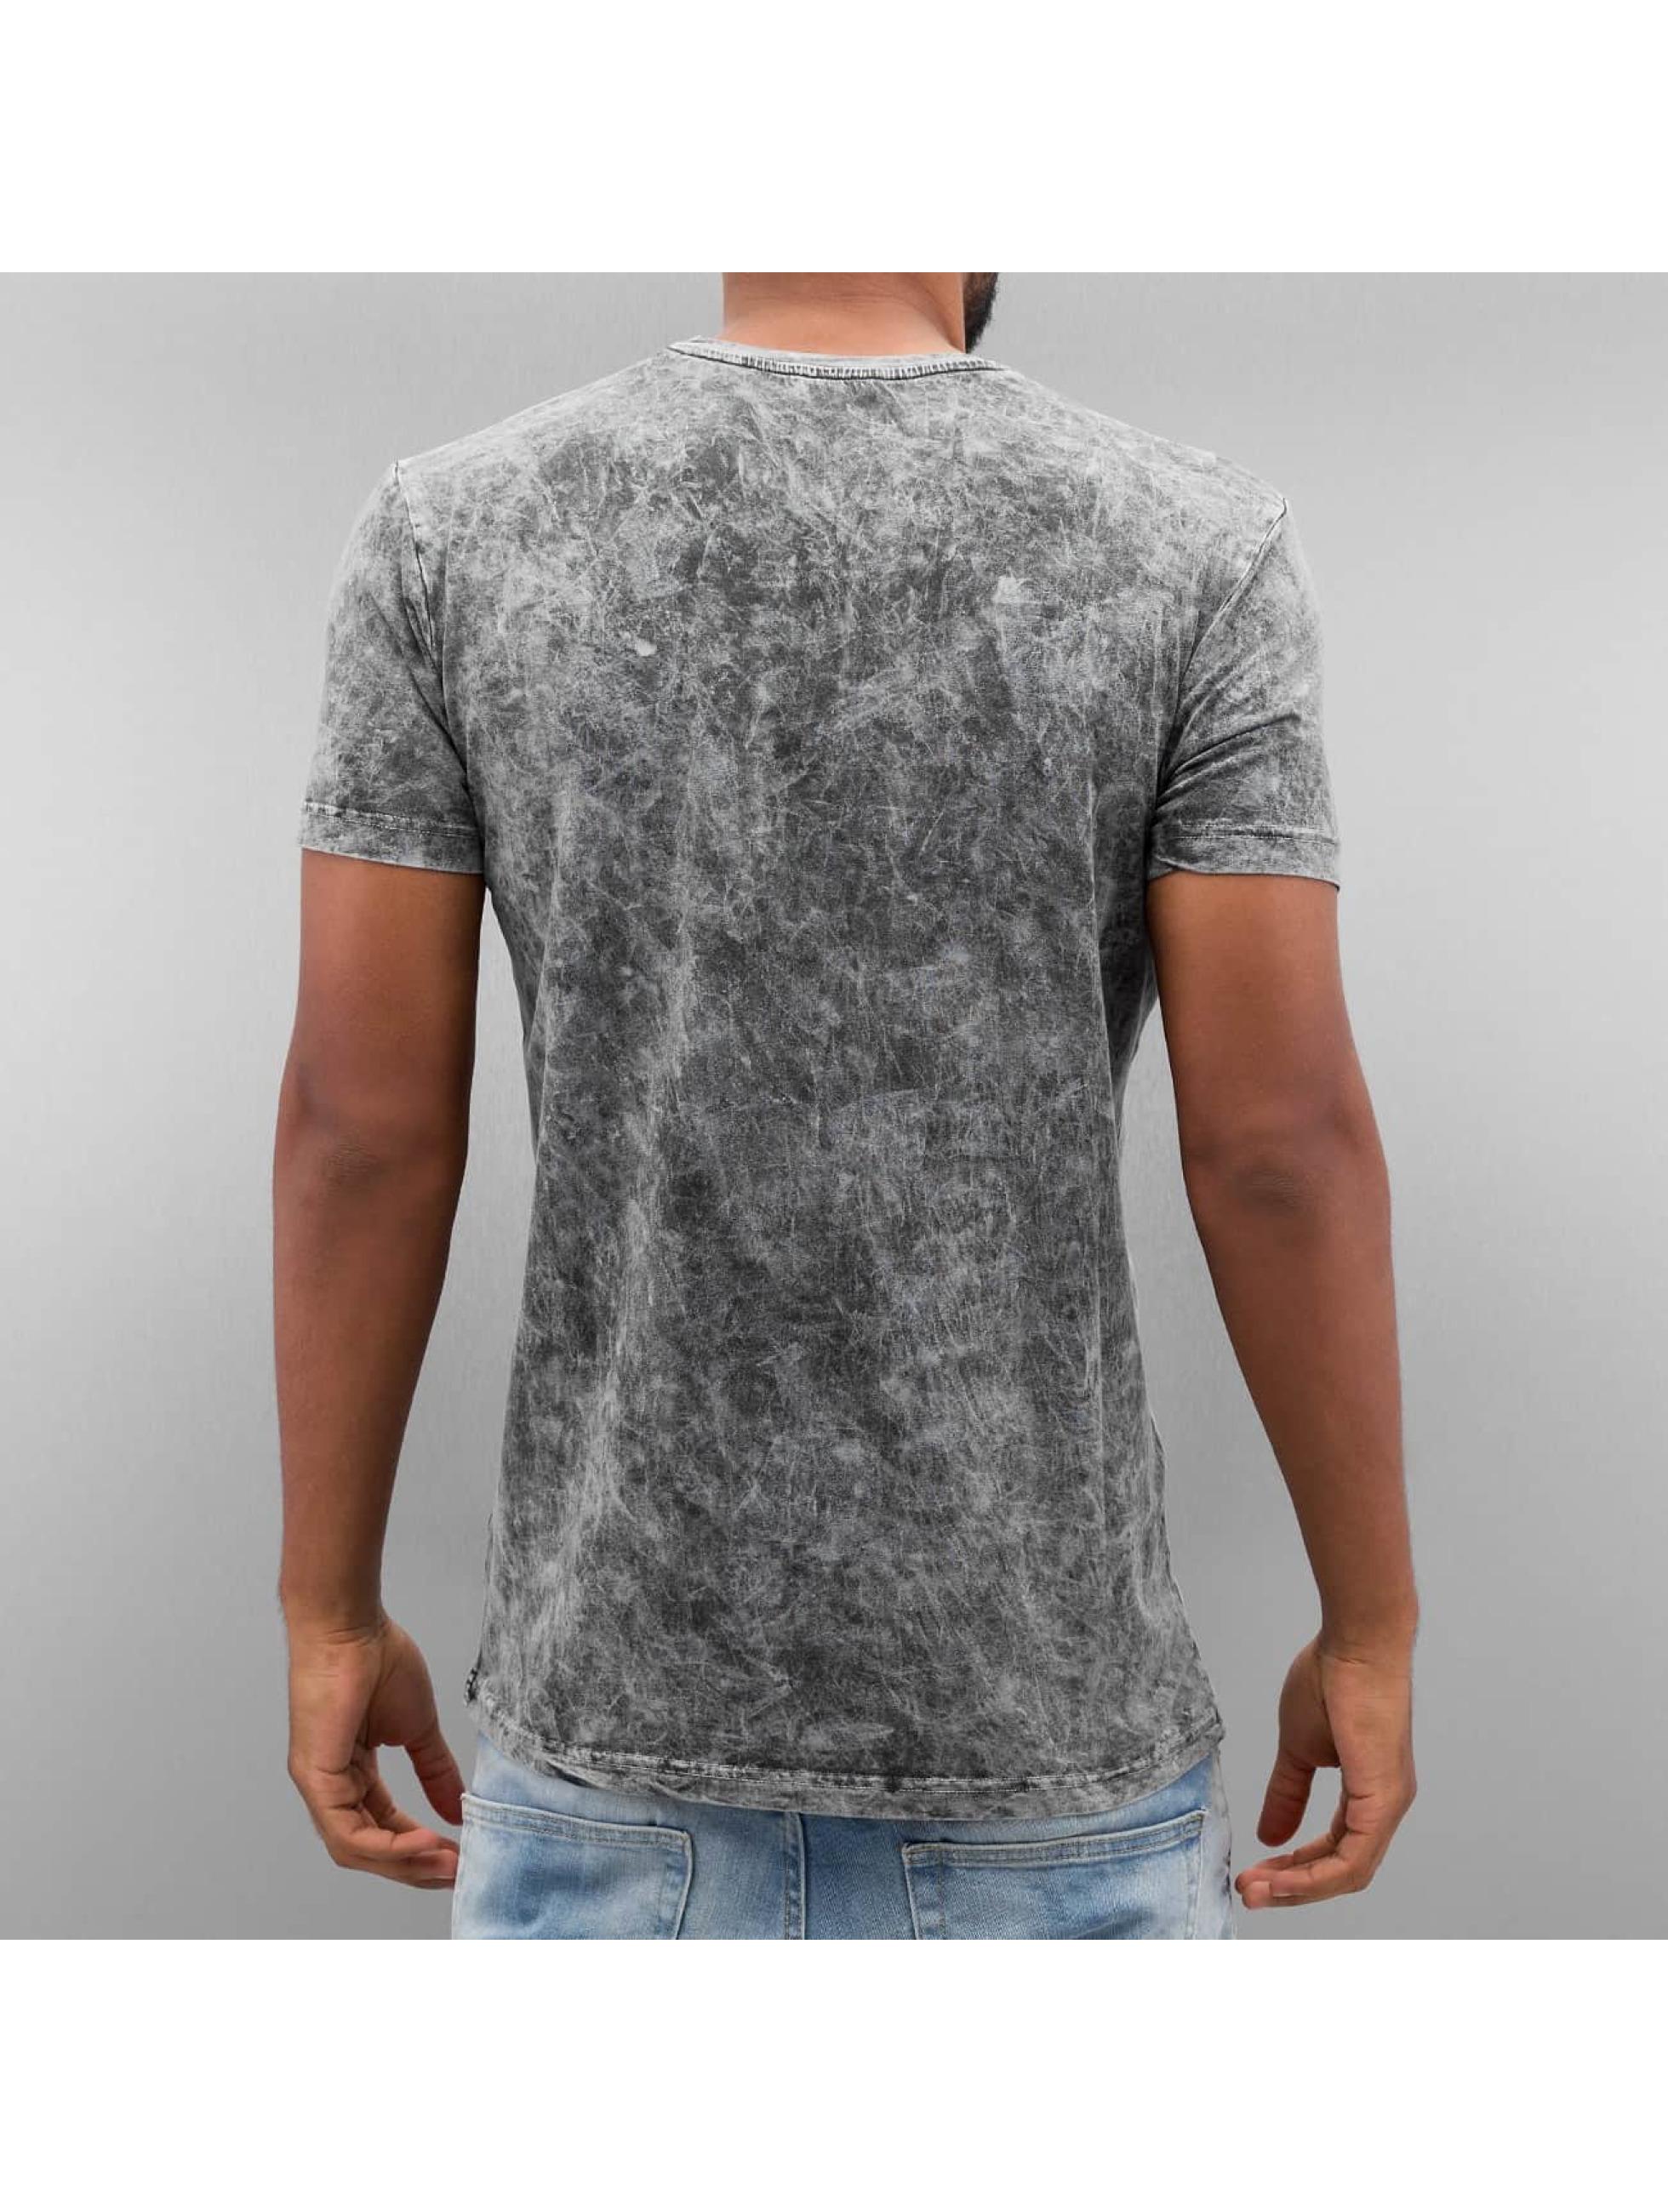 Cipo & Baxx T-Shirt Future grey